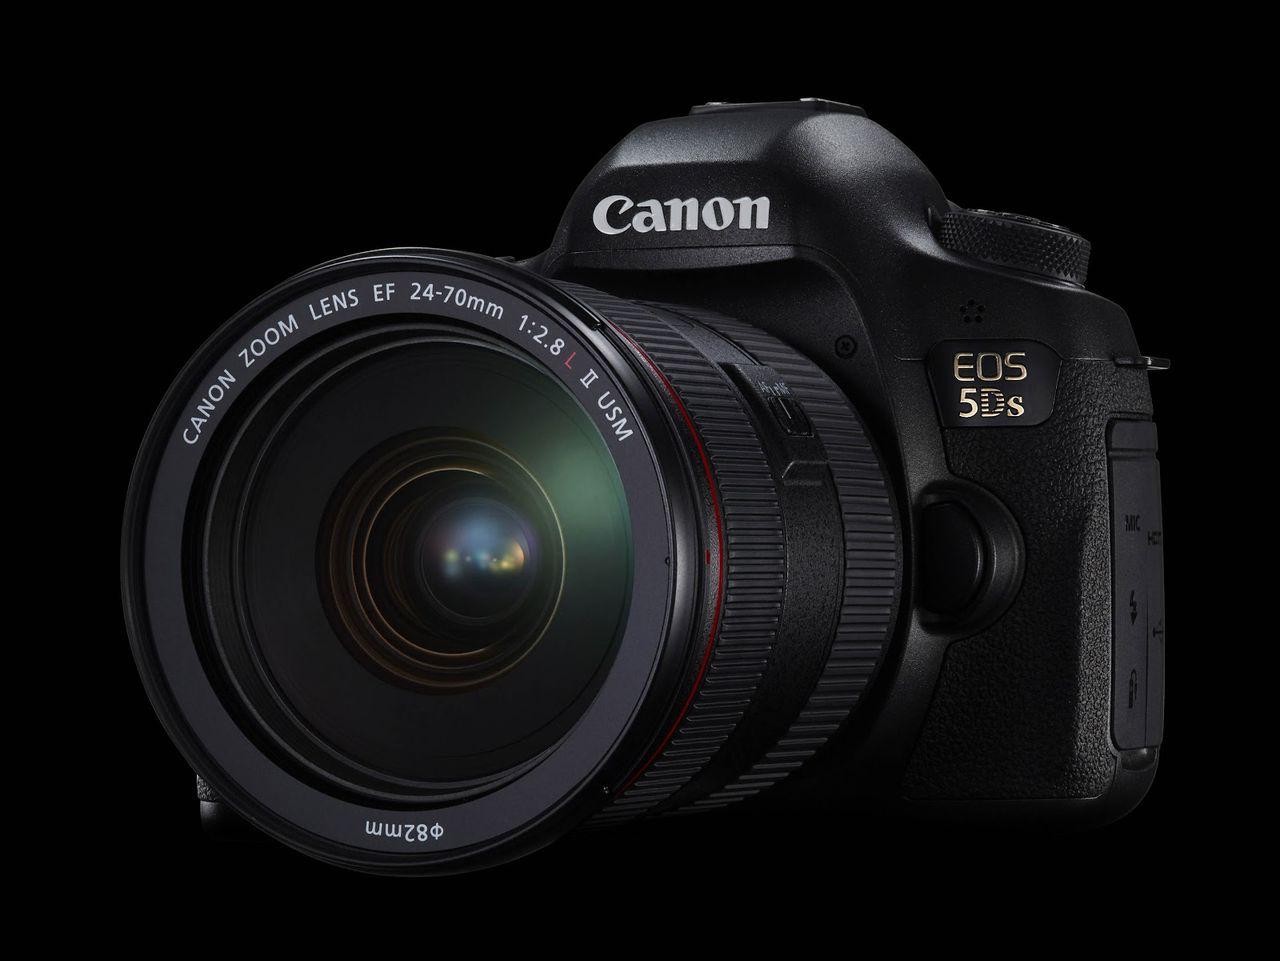 Nu kan du förhandsbeställa Canon 5Ds och 5Ds R